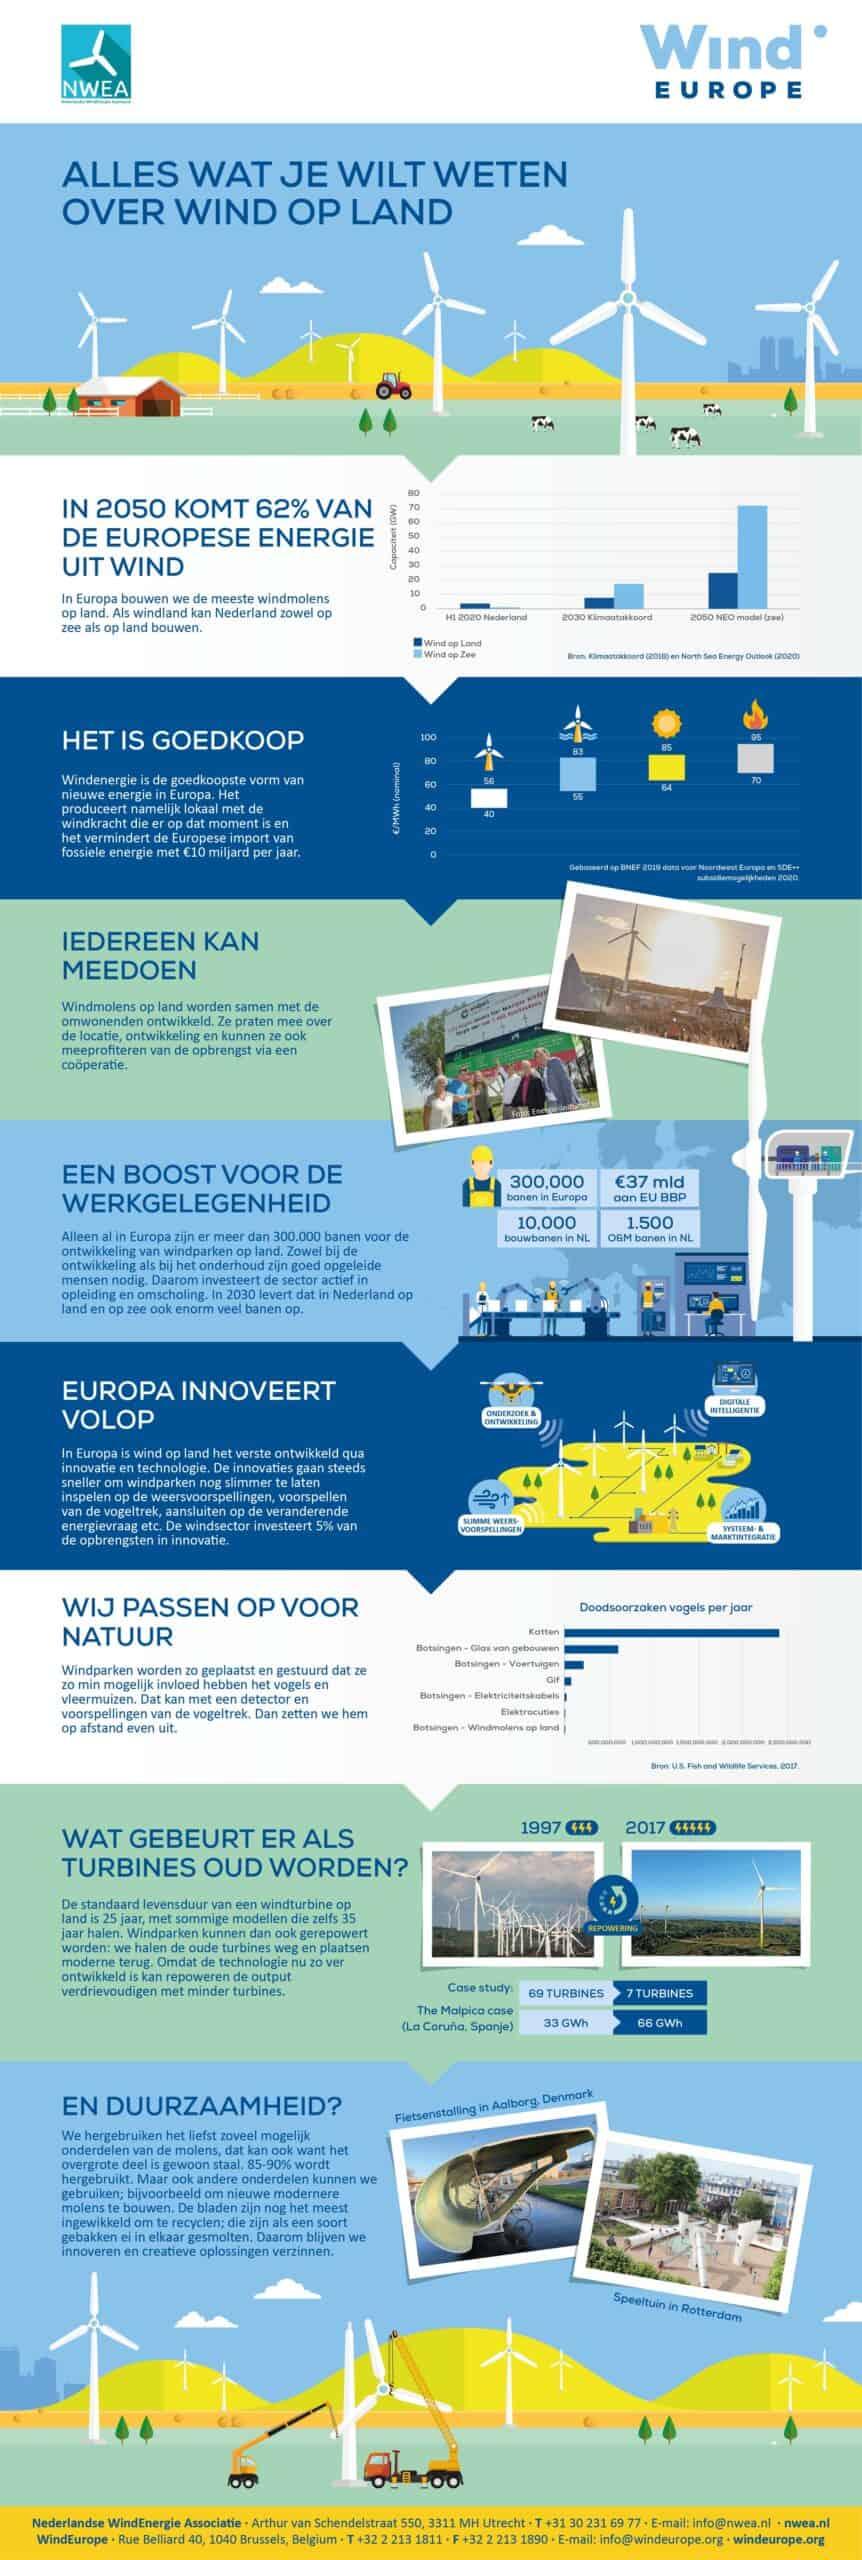 Deze infographic laat de verschillende positieve punten van wind op land zien, waaronder de lage kosten, de kansen voor de omgeving en de economische impact.